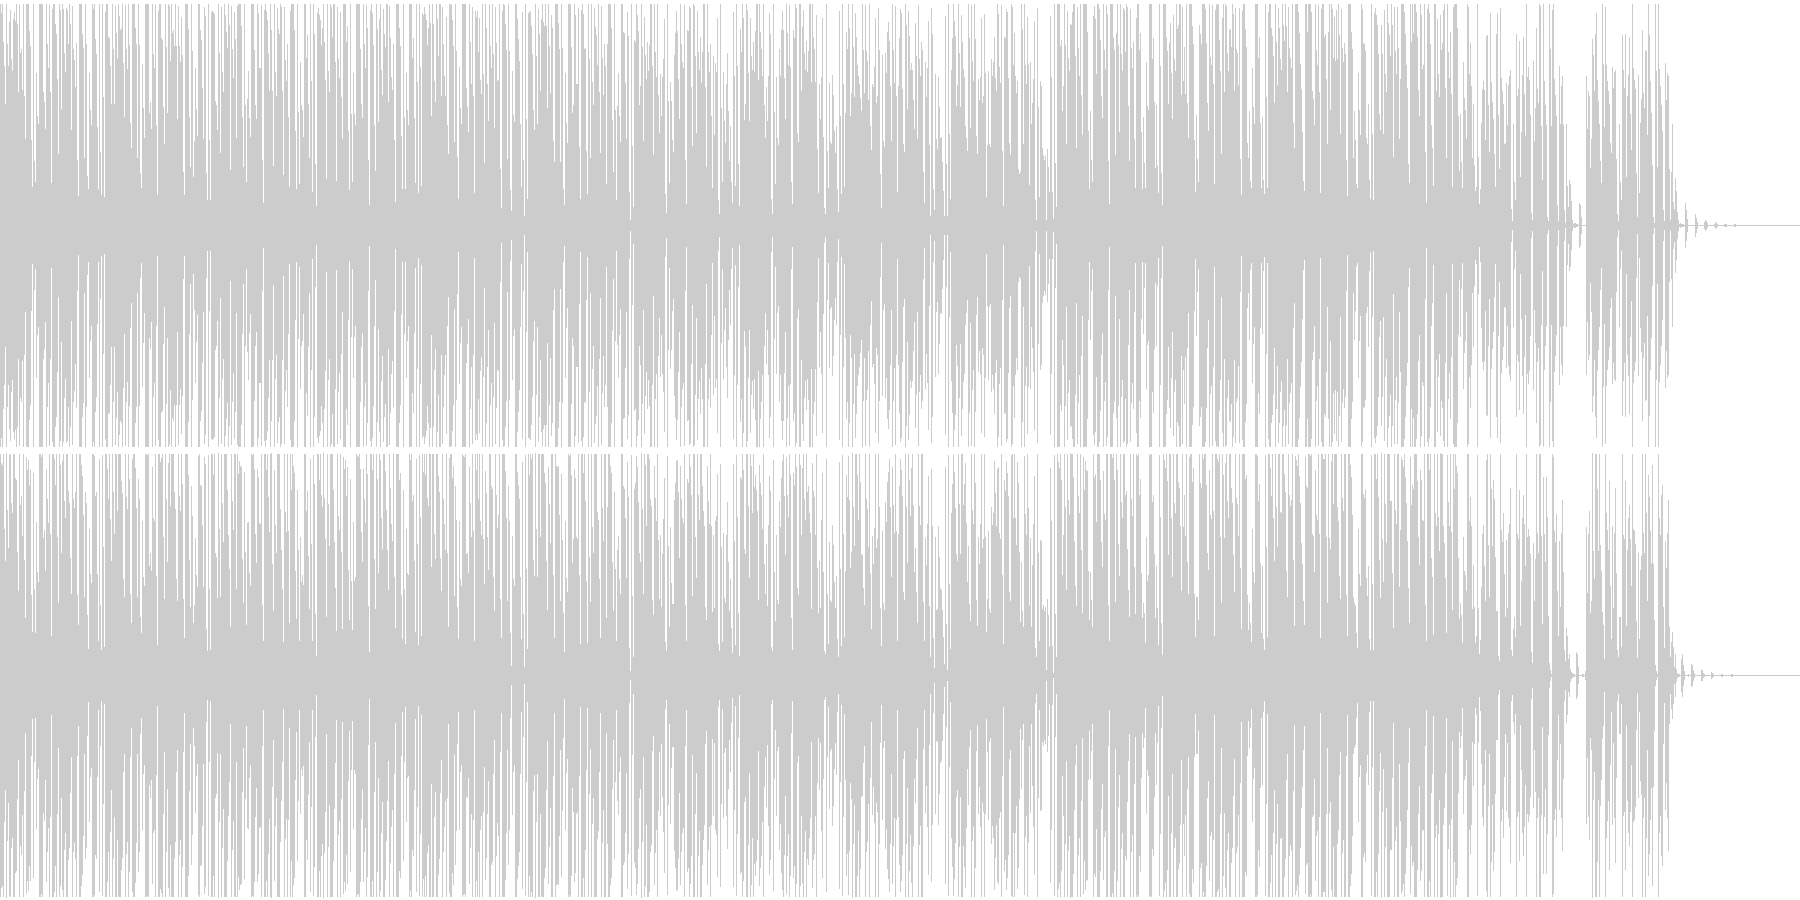 ゆったり系トランスの未再生の波形